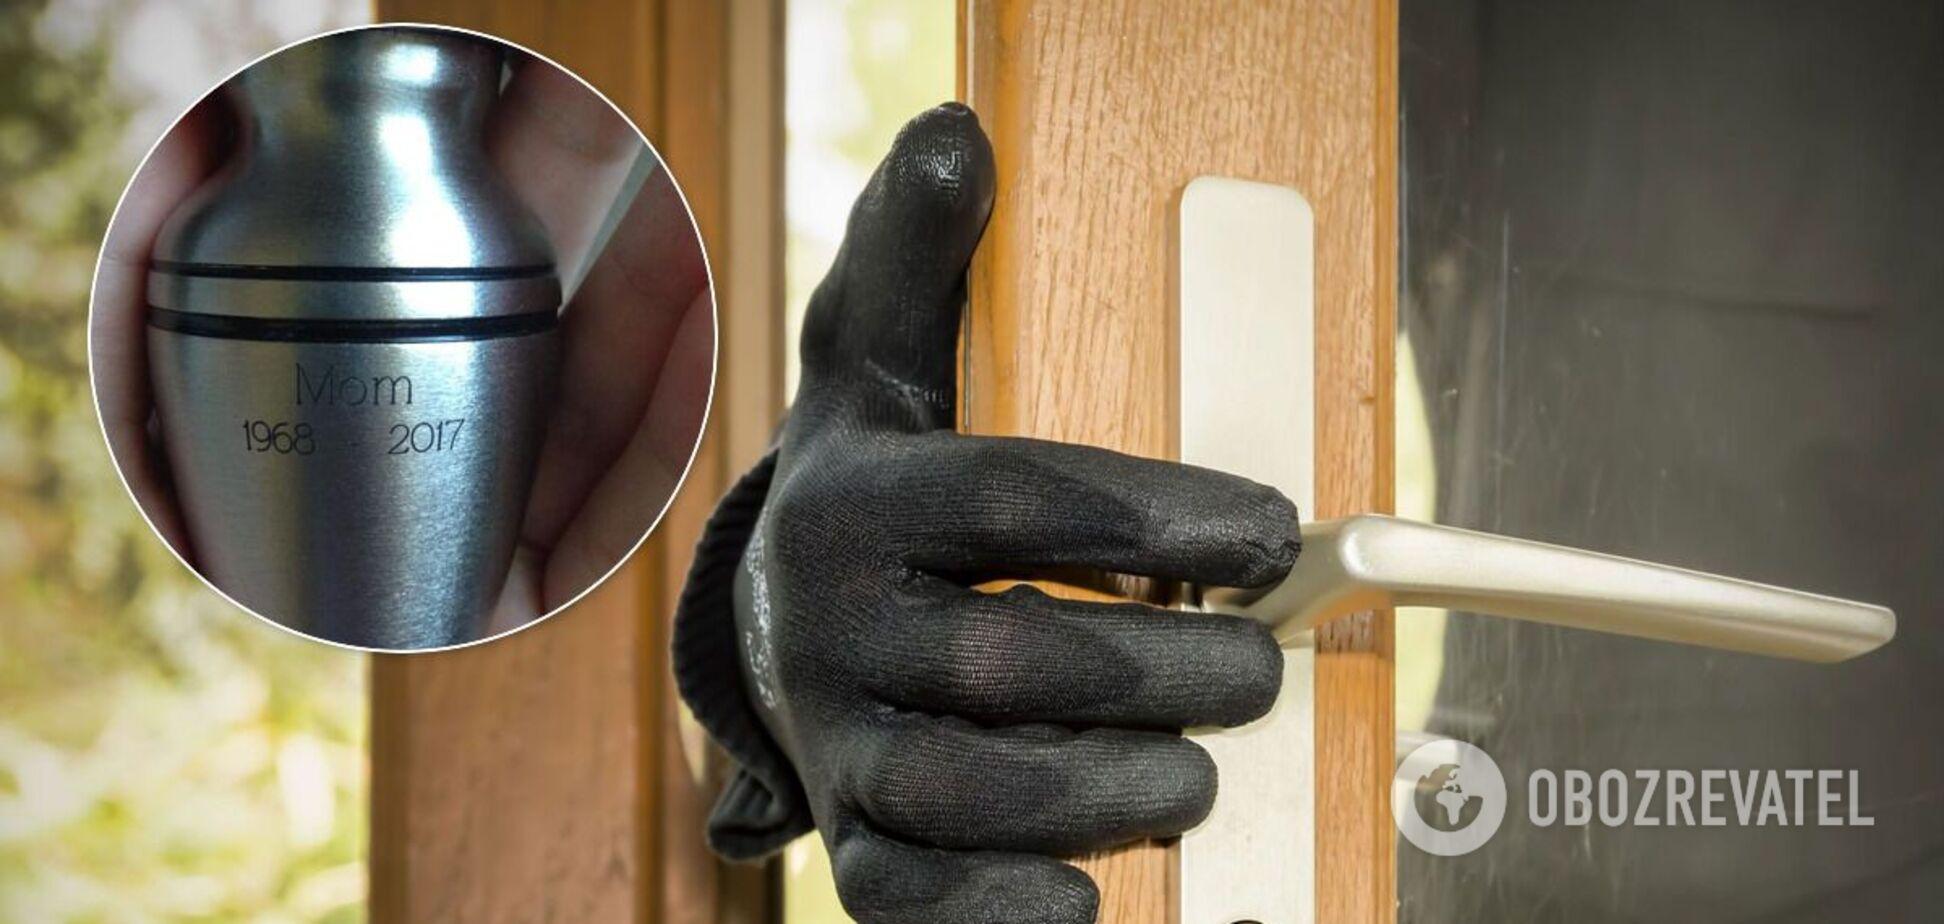 В Днепре у девушки украли урну с прахом ее матери прямо из квартиры